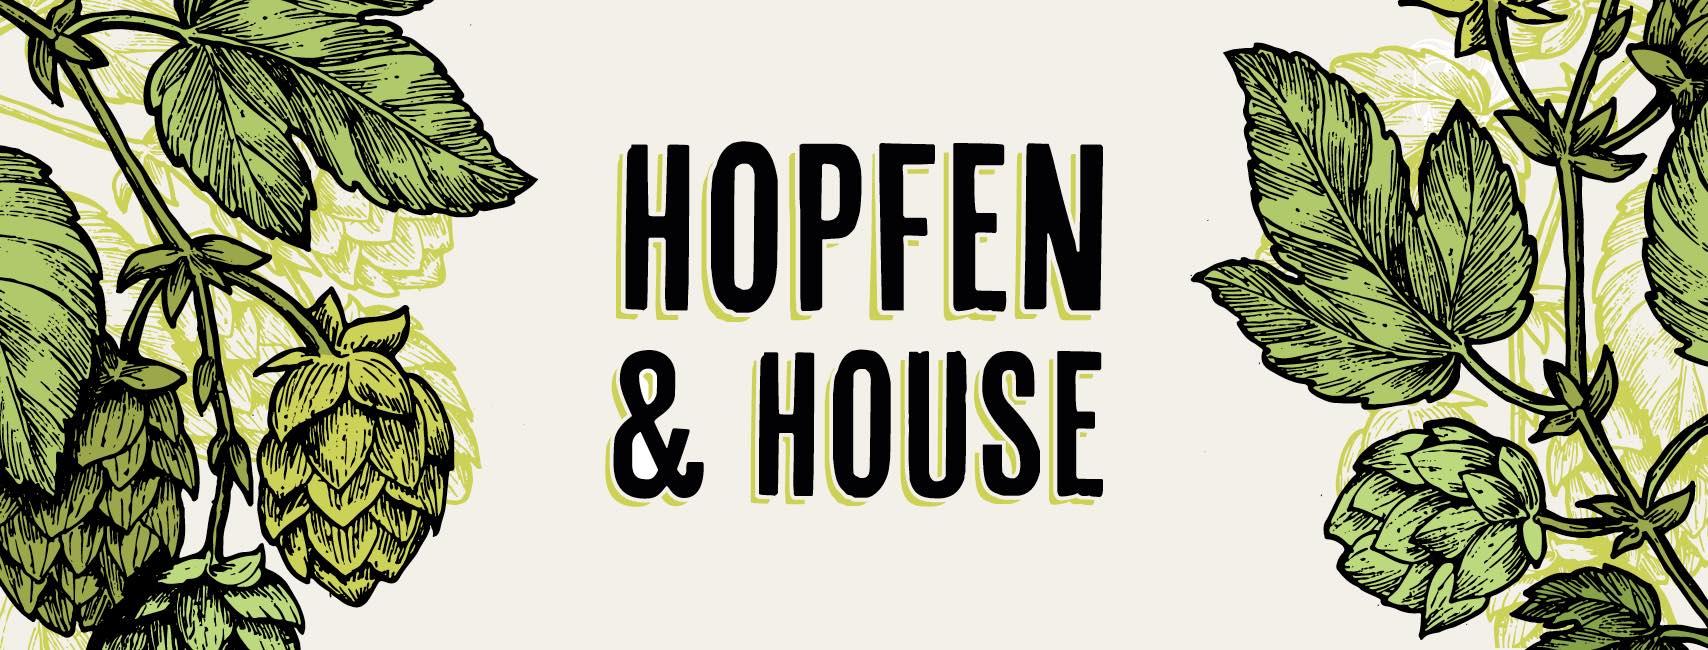 Hopfen House Veranstaltungsbild